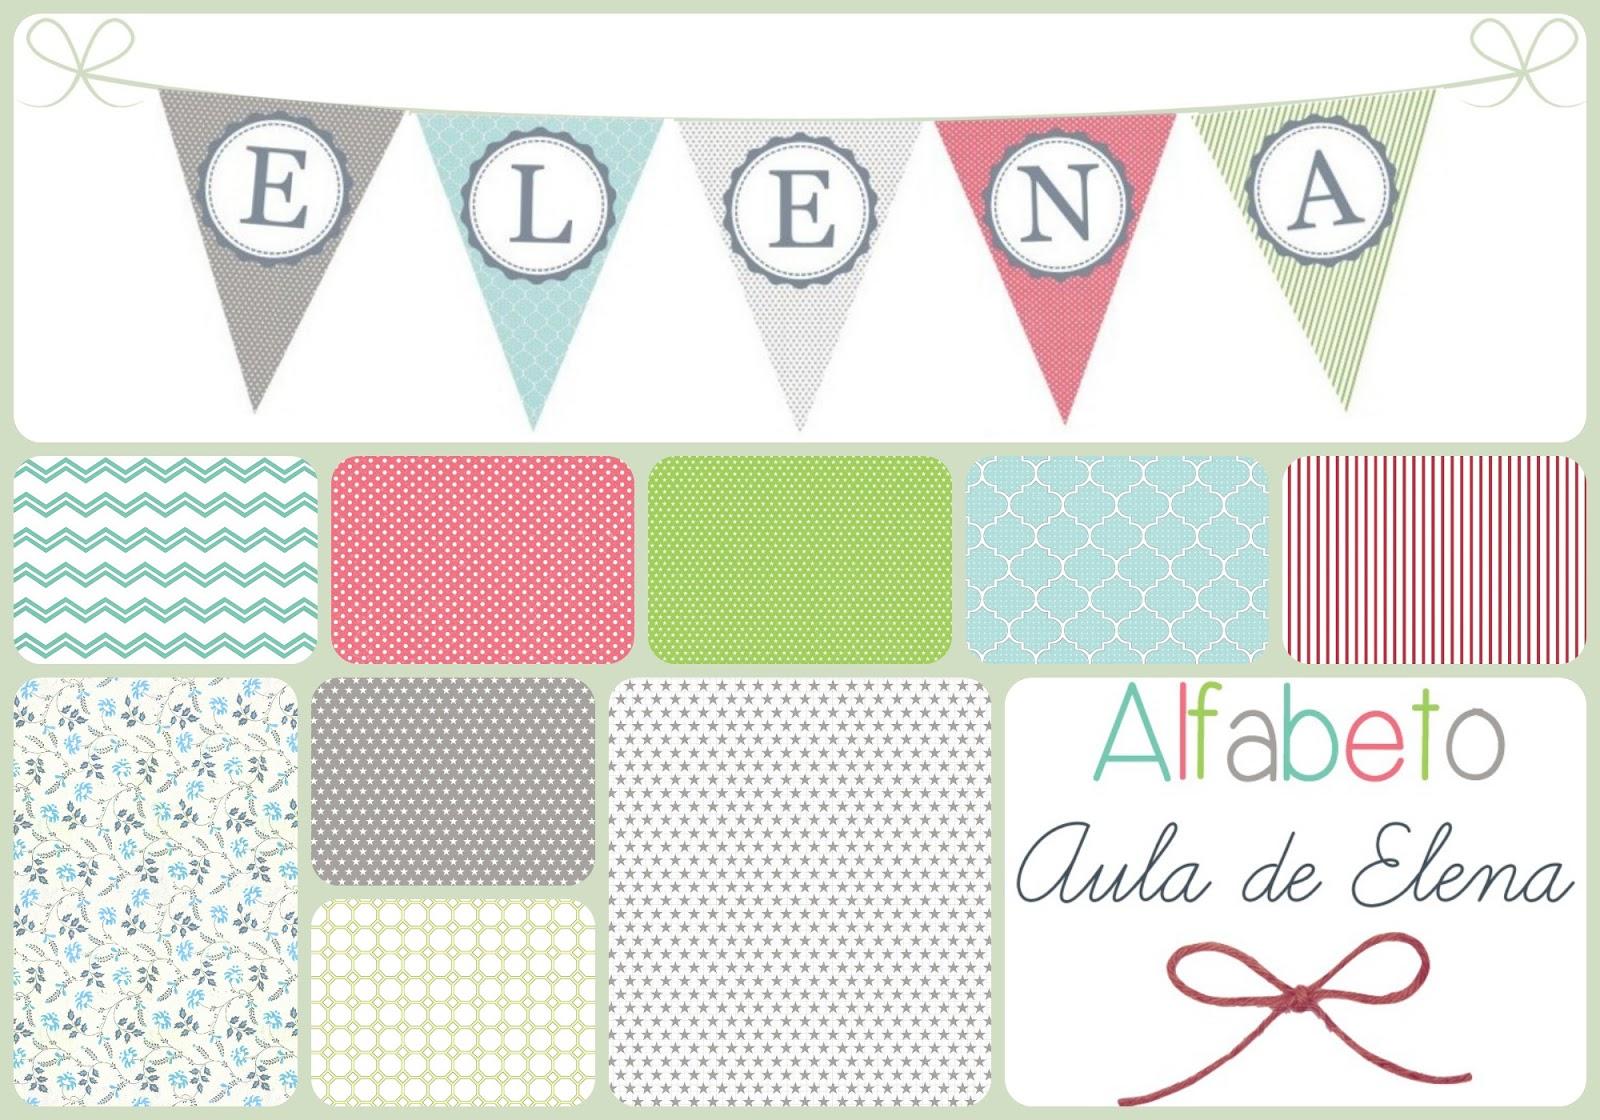 Alfabeto en forma de banderines - Aula de Elena